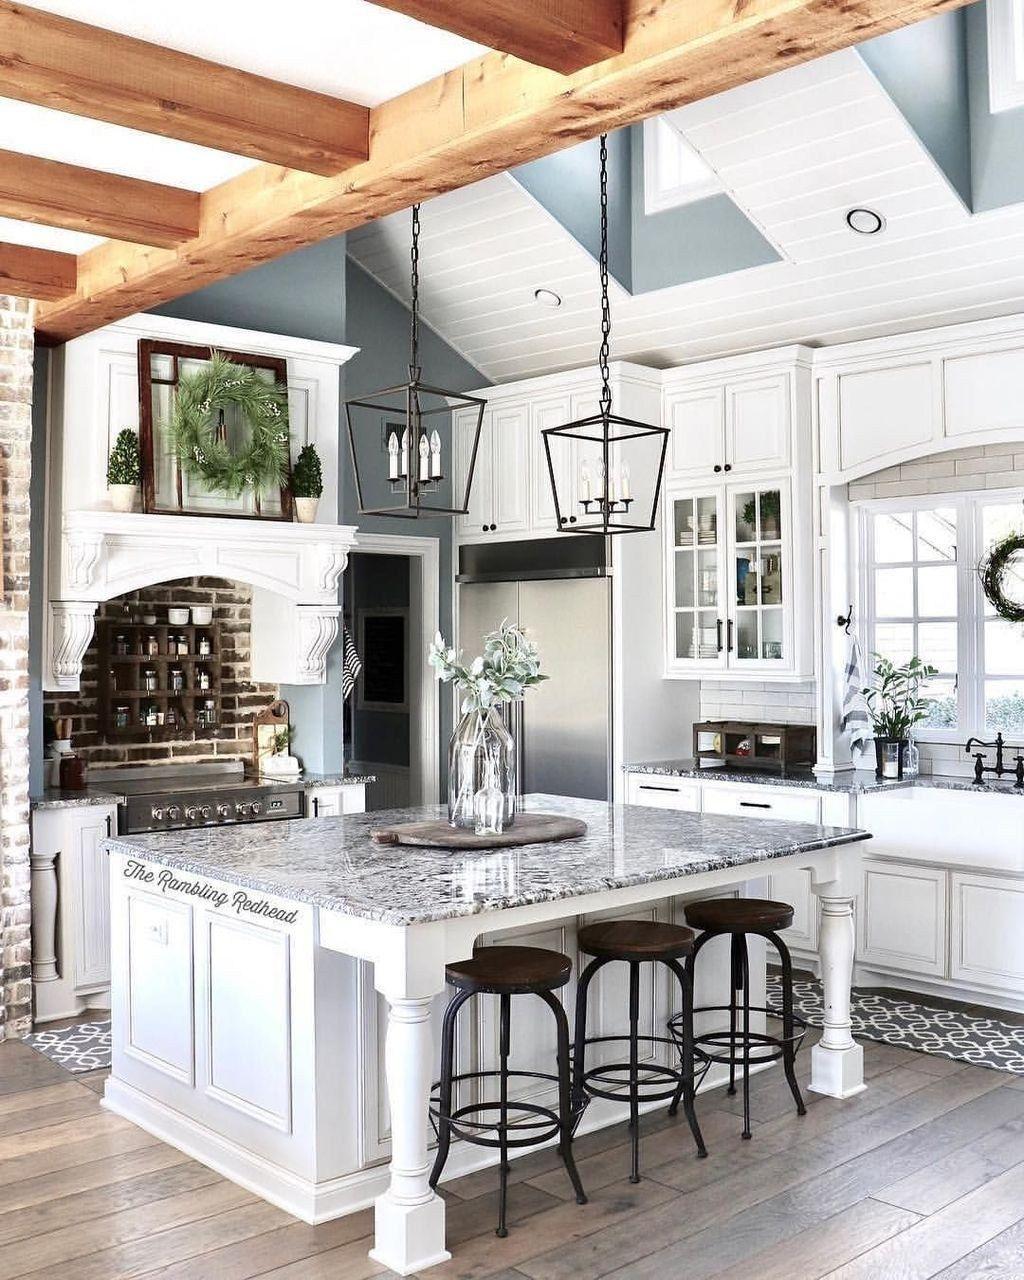 37 Amazing Modern Farmhouse Kitchen Design Ideas To Renew Your Home Trendehouse Farmhouse Style Kitchen Modern Farmhouse Kitchens Rustic Farmhouse Kitchen